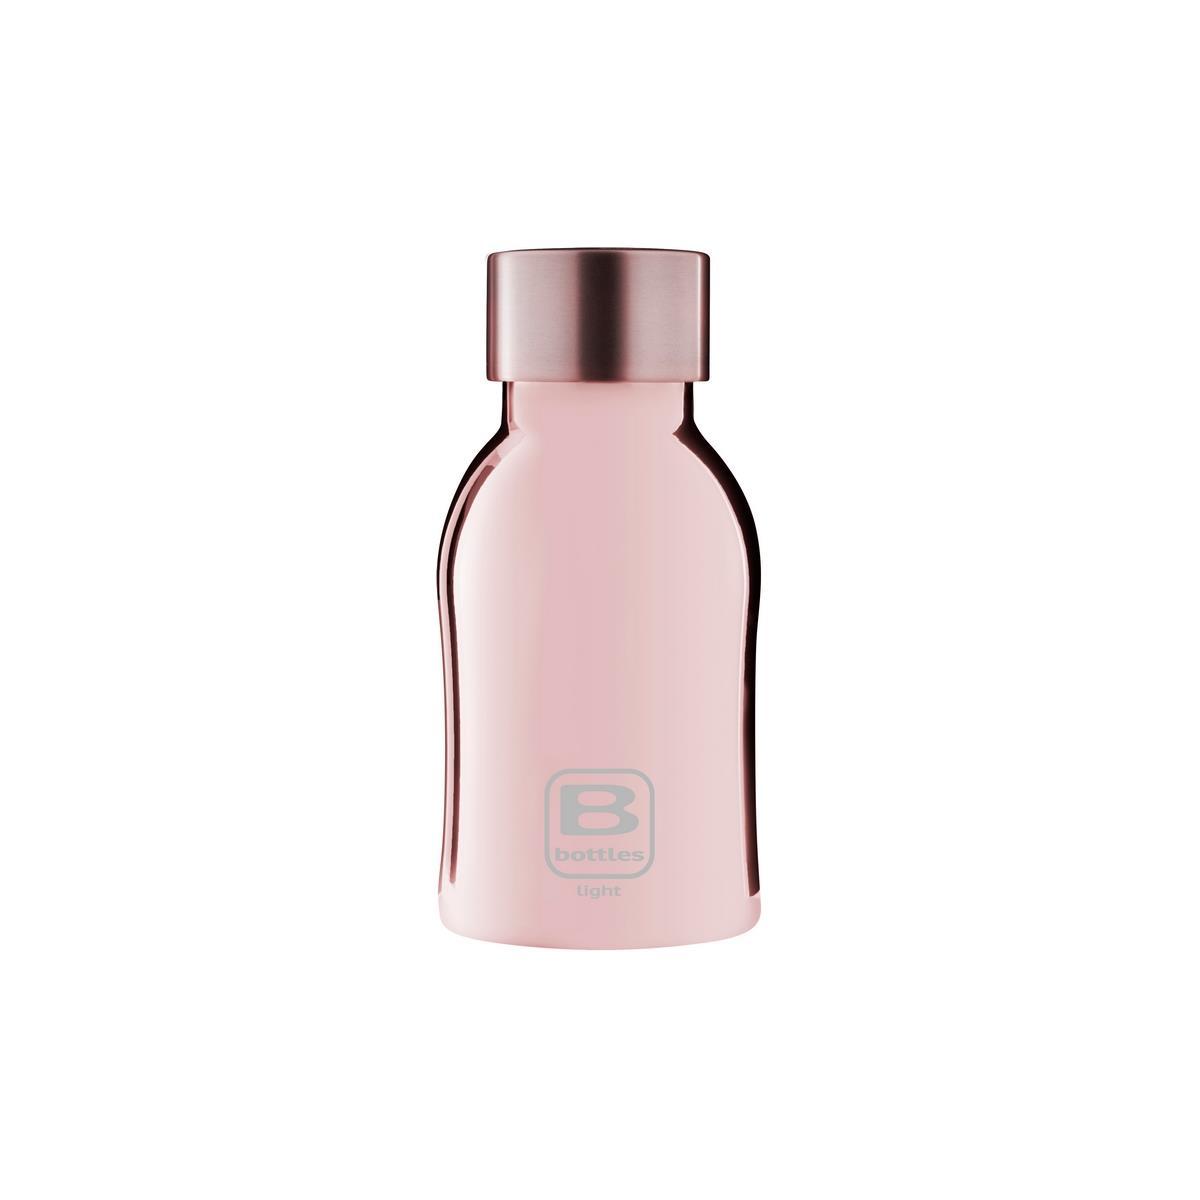 B Bottles Light - Rose Gold Lux - 350 ml - Bottiglia in acciaio inox 18/10 ultra leggera e compatta